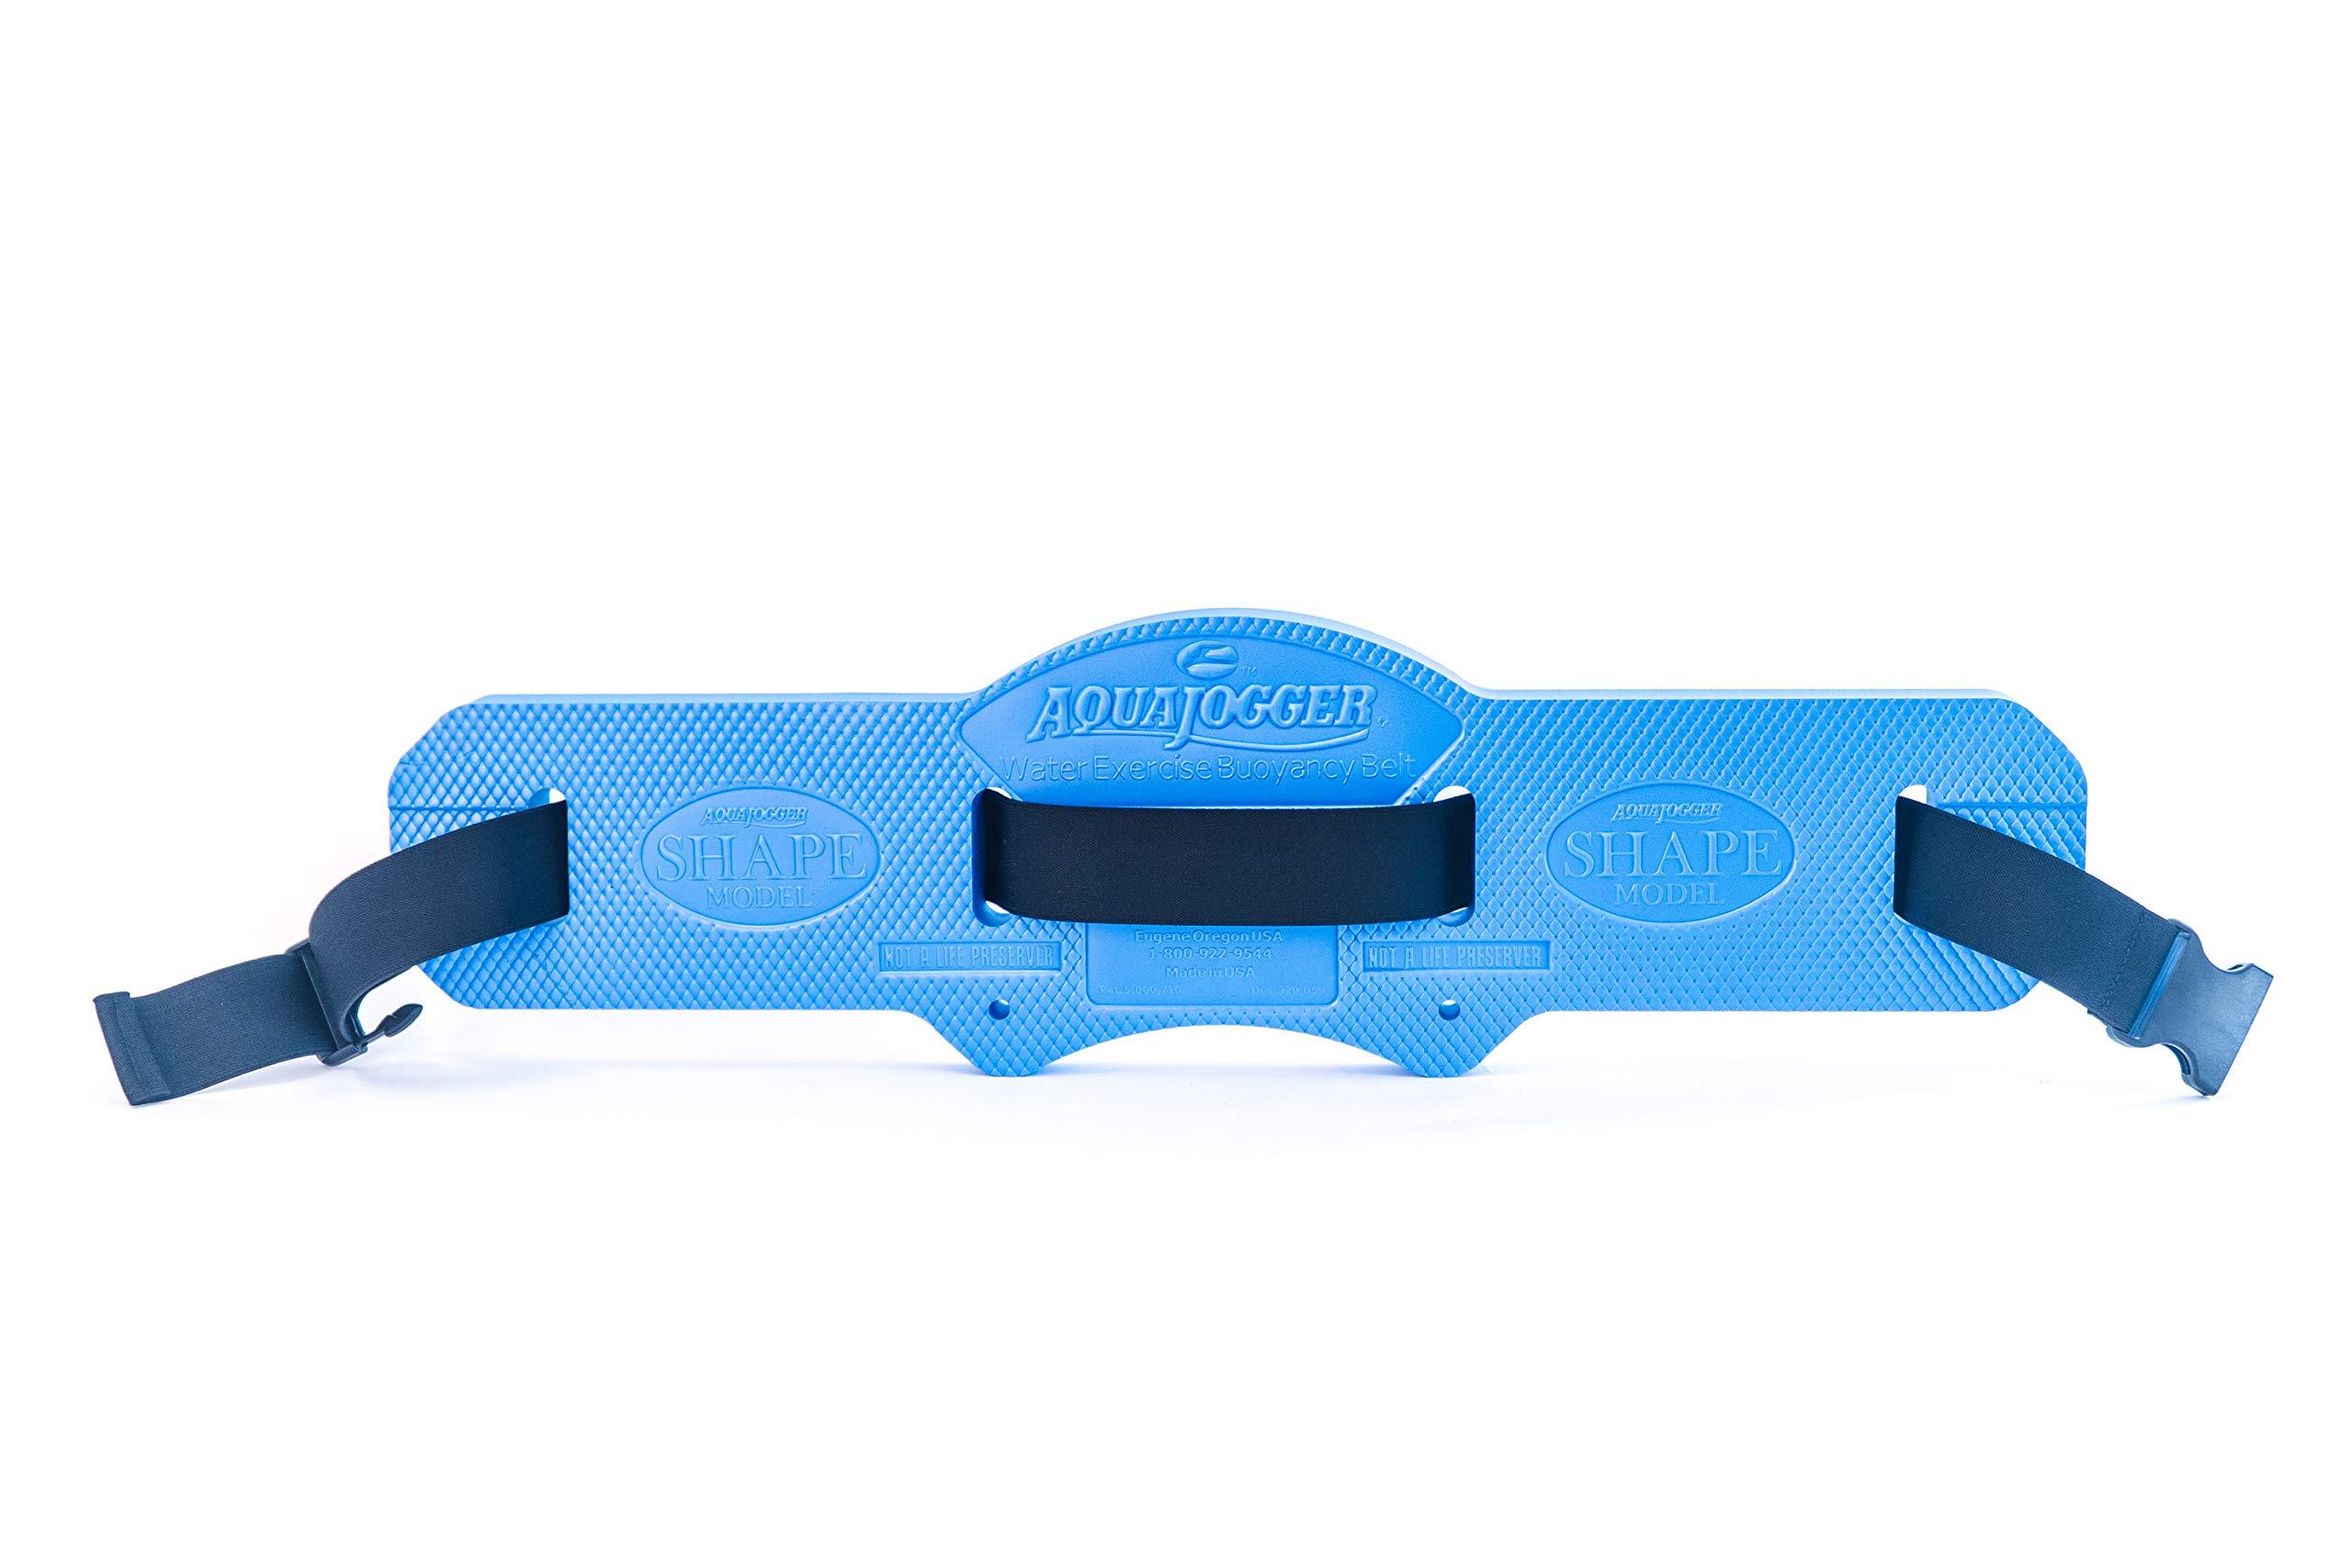 AquaJogger Women's Shape Buoyancy Belt